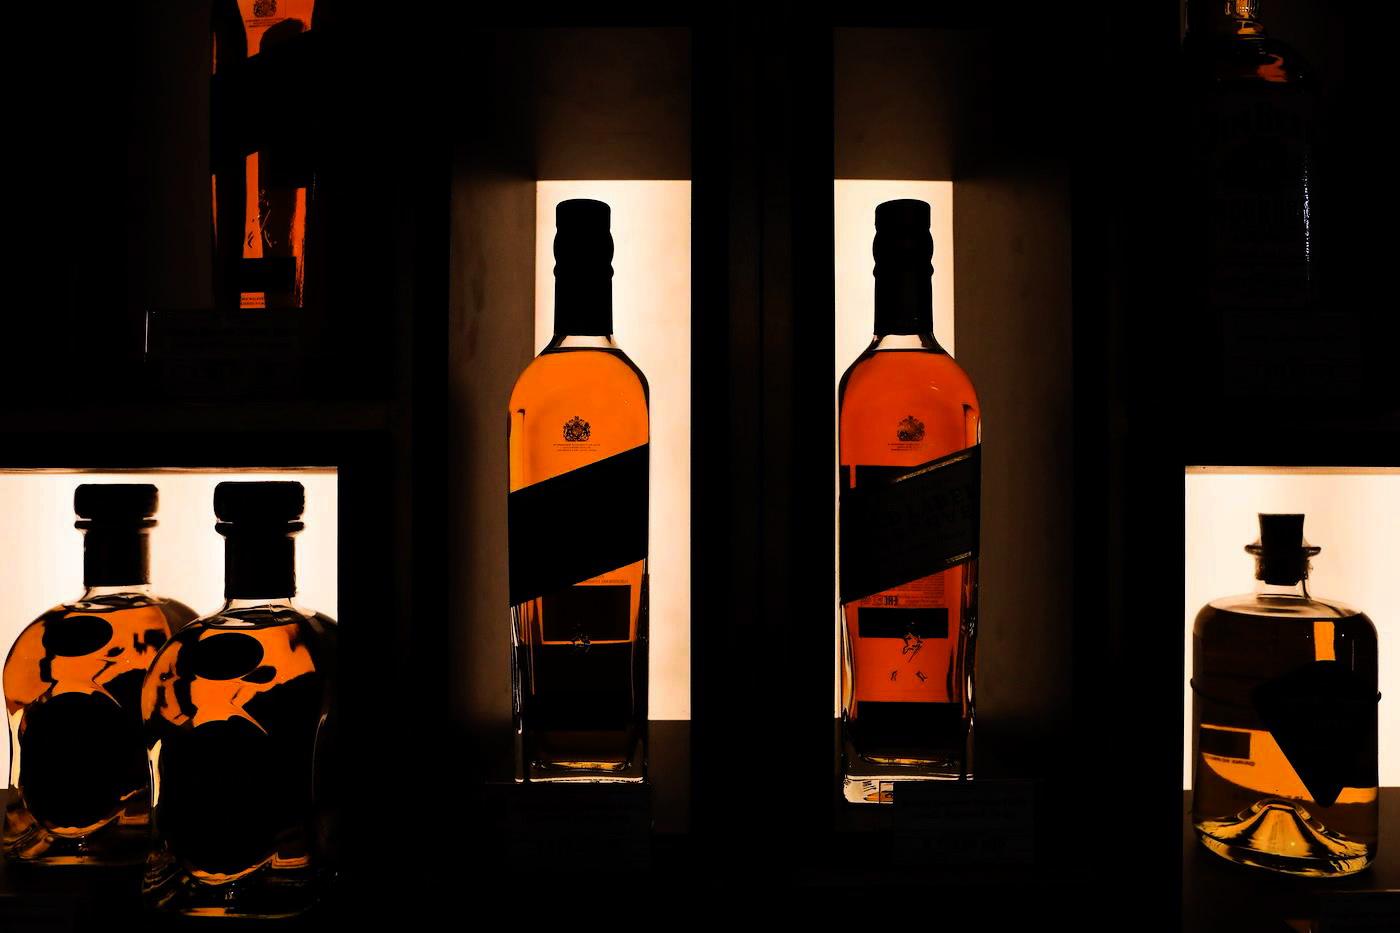 Алкоголь ушел на удалёнку. Пандемия в Петербурге поддержала алкомаркеты и винные бутики